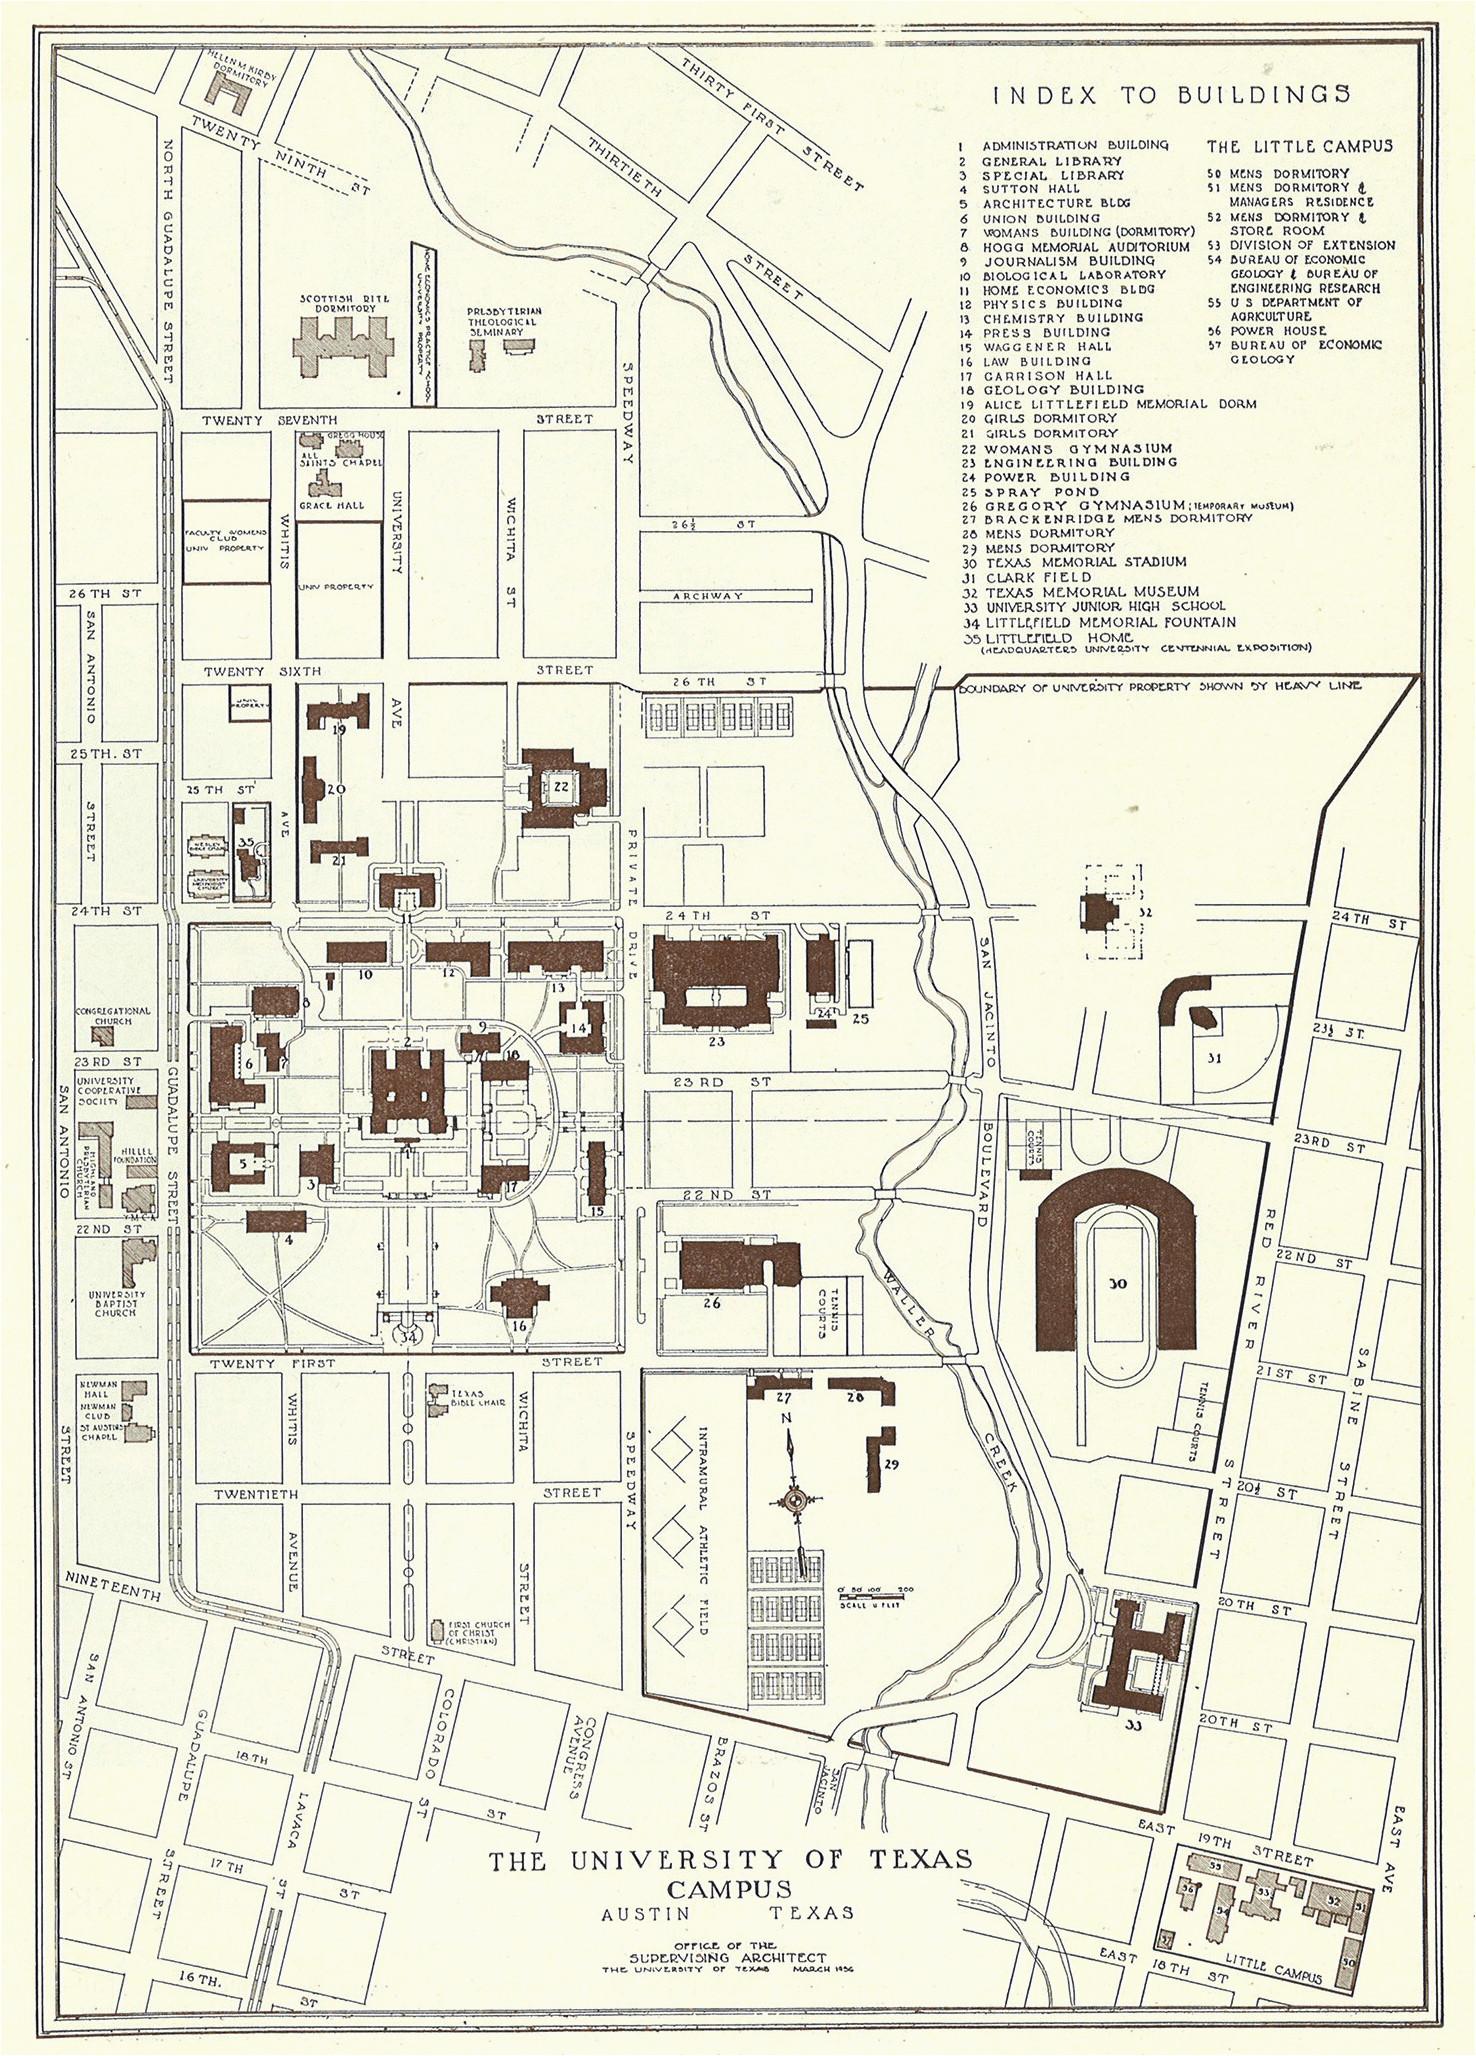 Map Of Texas Universities.Universities In Texas Map University Of Texas At Austin Campus Map